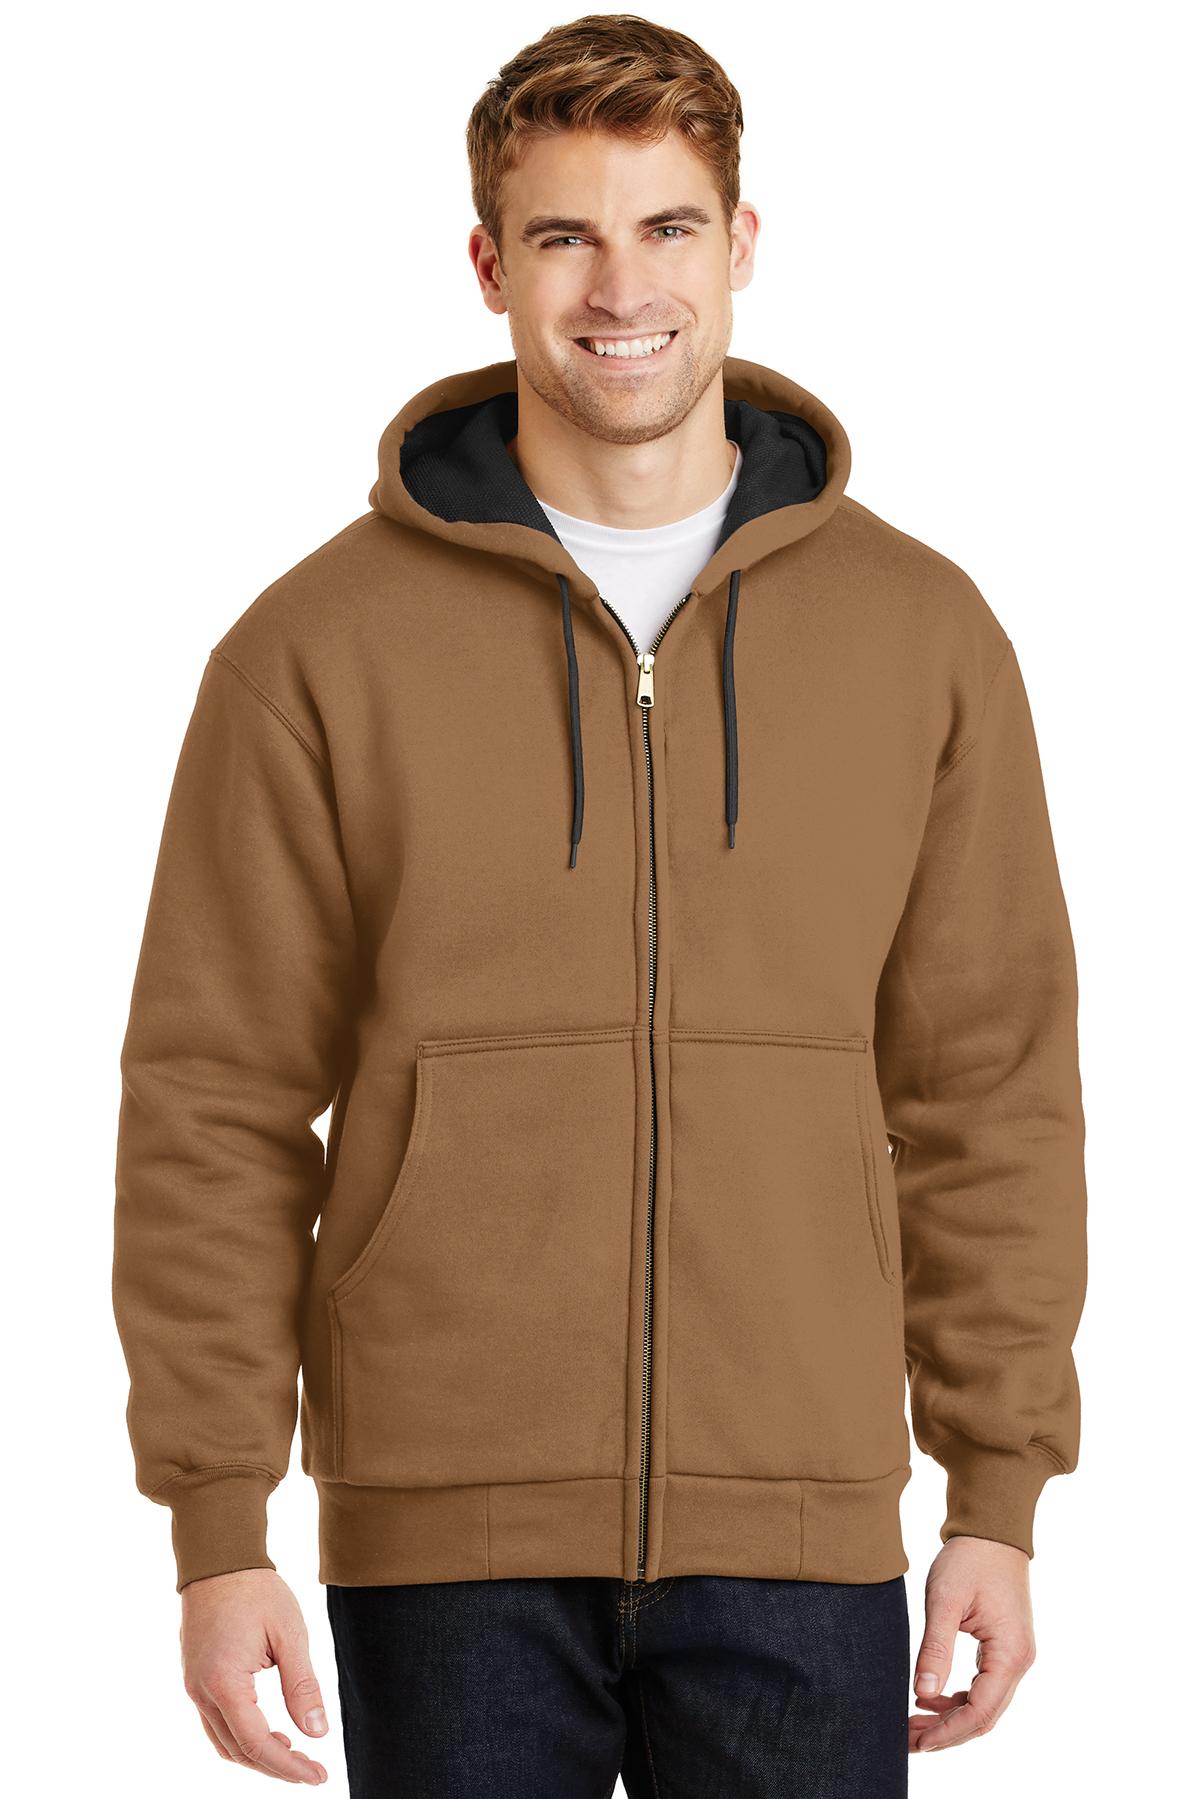 CornerStone® | Heavyweight | SweatshirtsFleece SanMar